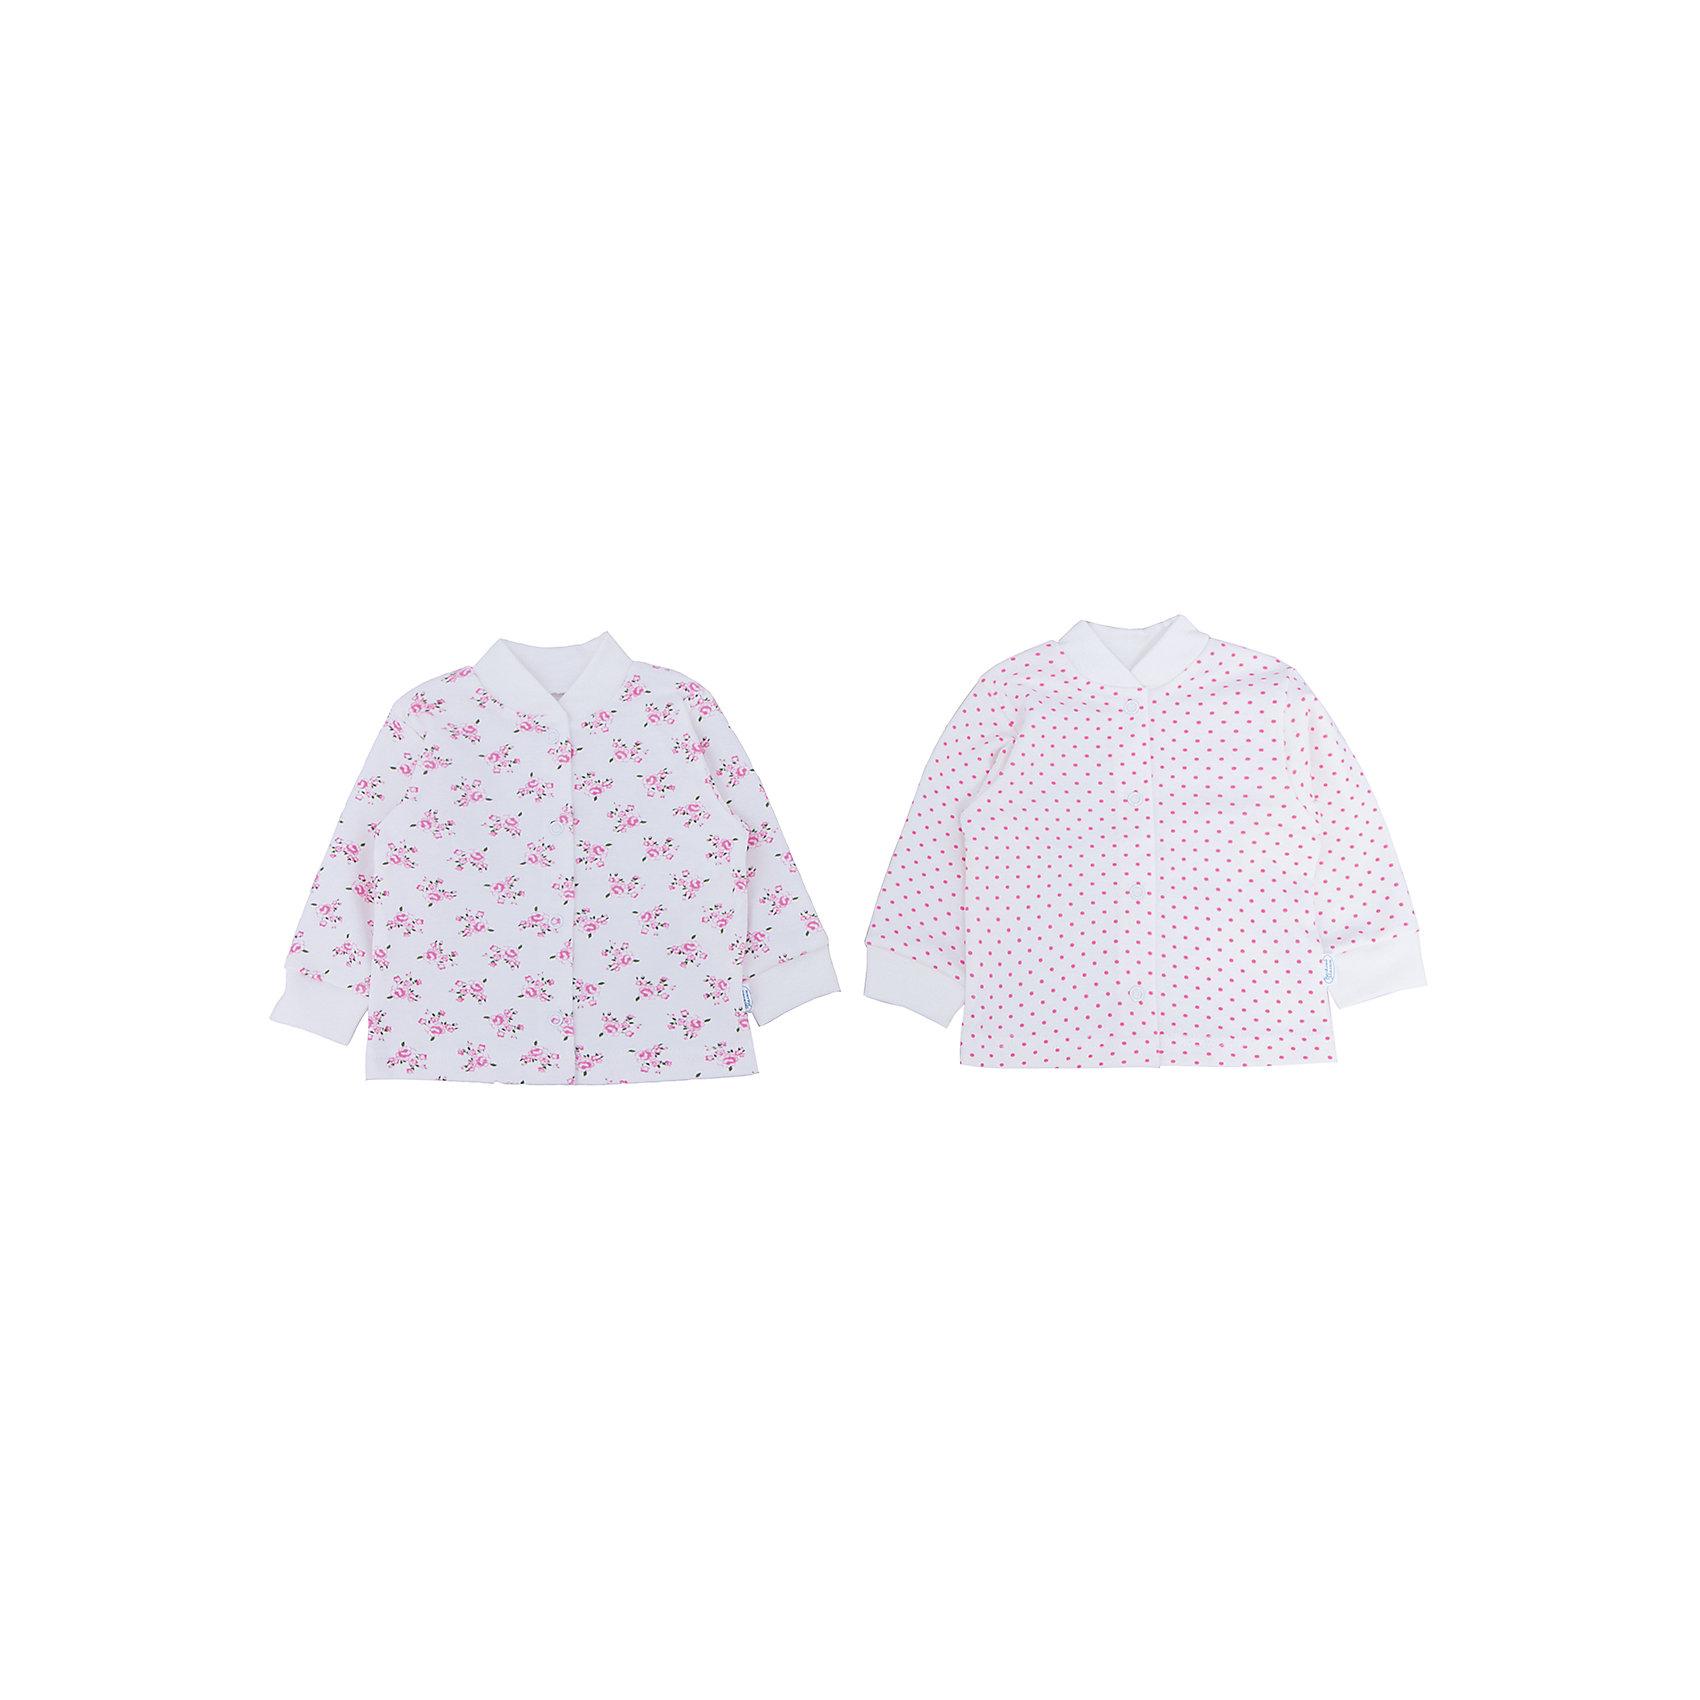 Веселый малыш Кофточка для девочки,2 шт. Веселый малыш веселый малыш футболка для девочки веселый малыш